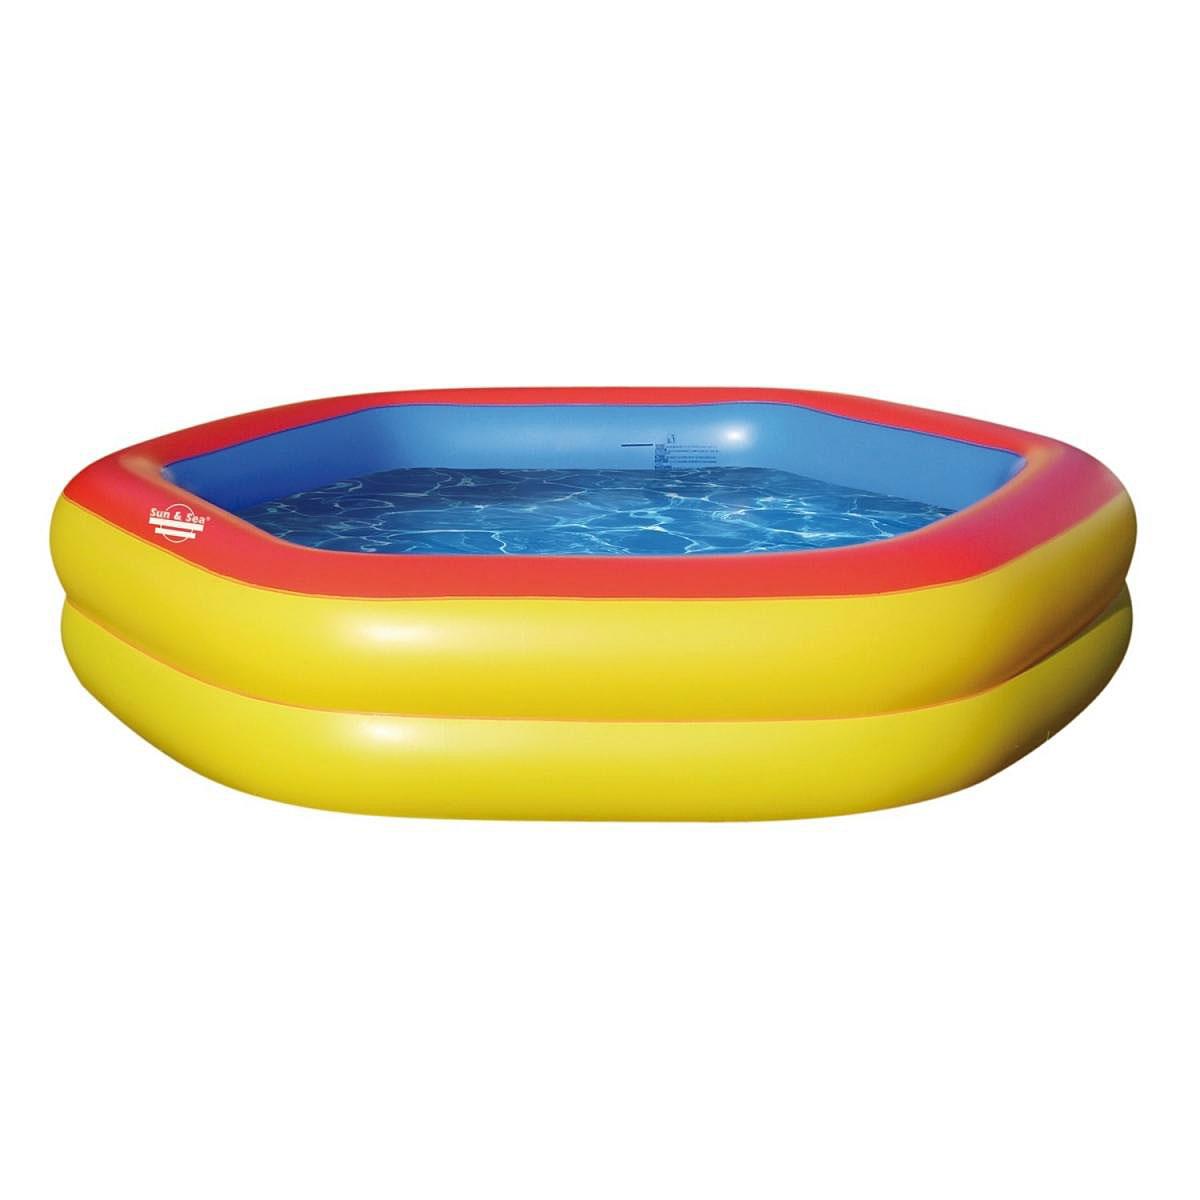 """Pools und Schwimmbecken - Pool """"Hexgonal""""  - Onlineshop Hellweg"""